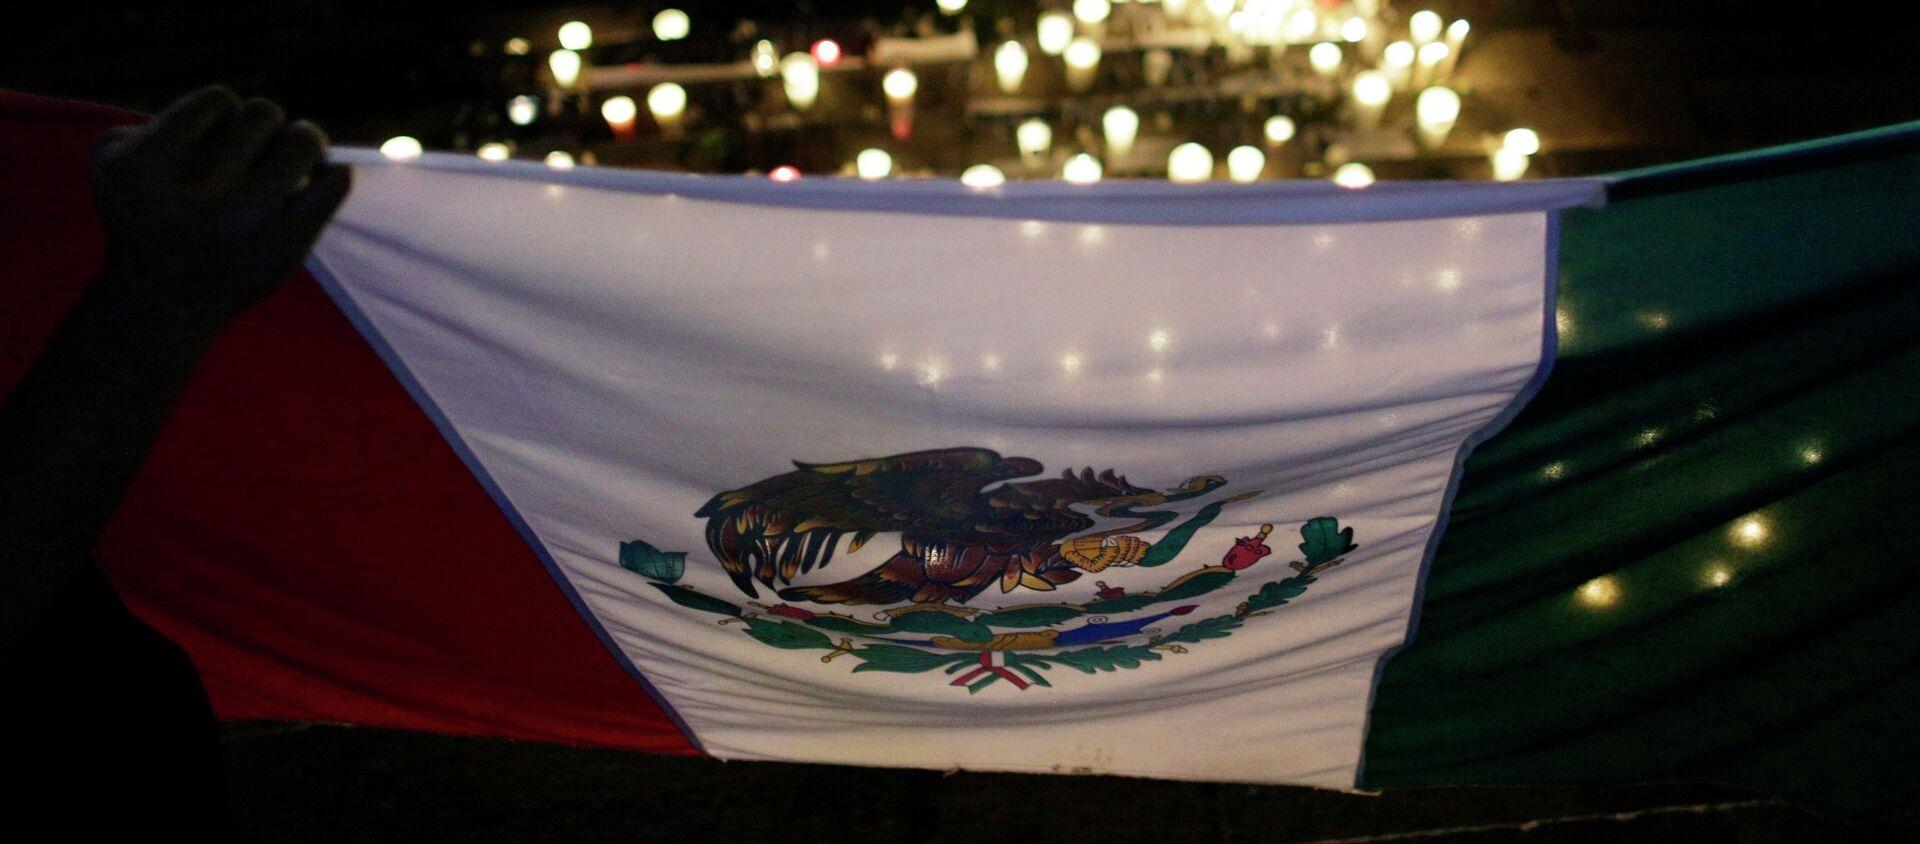 Bandera de México - Sputnik Mundo, 1920, 03.09.2020